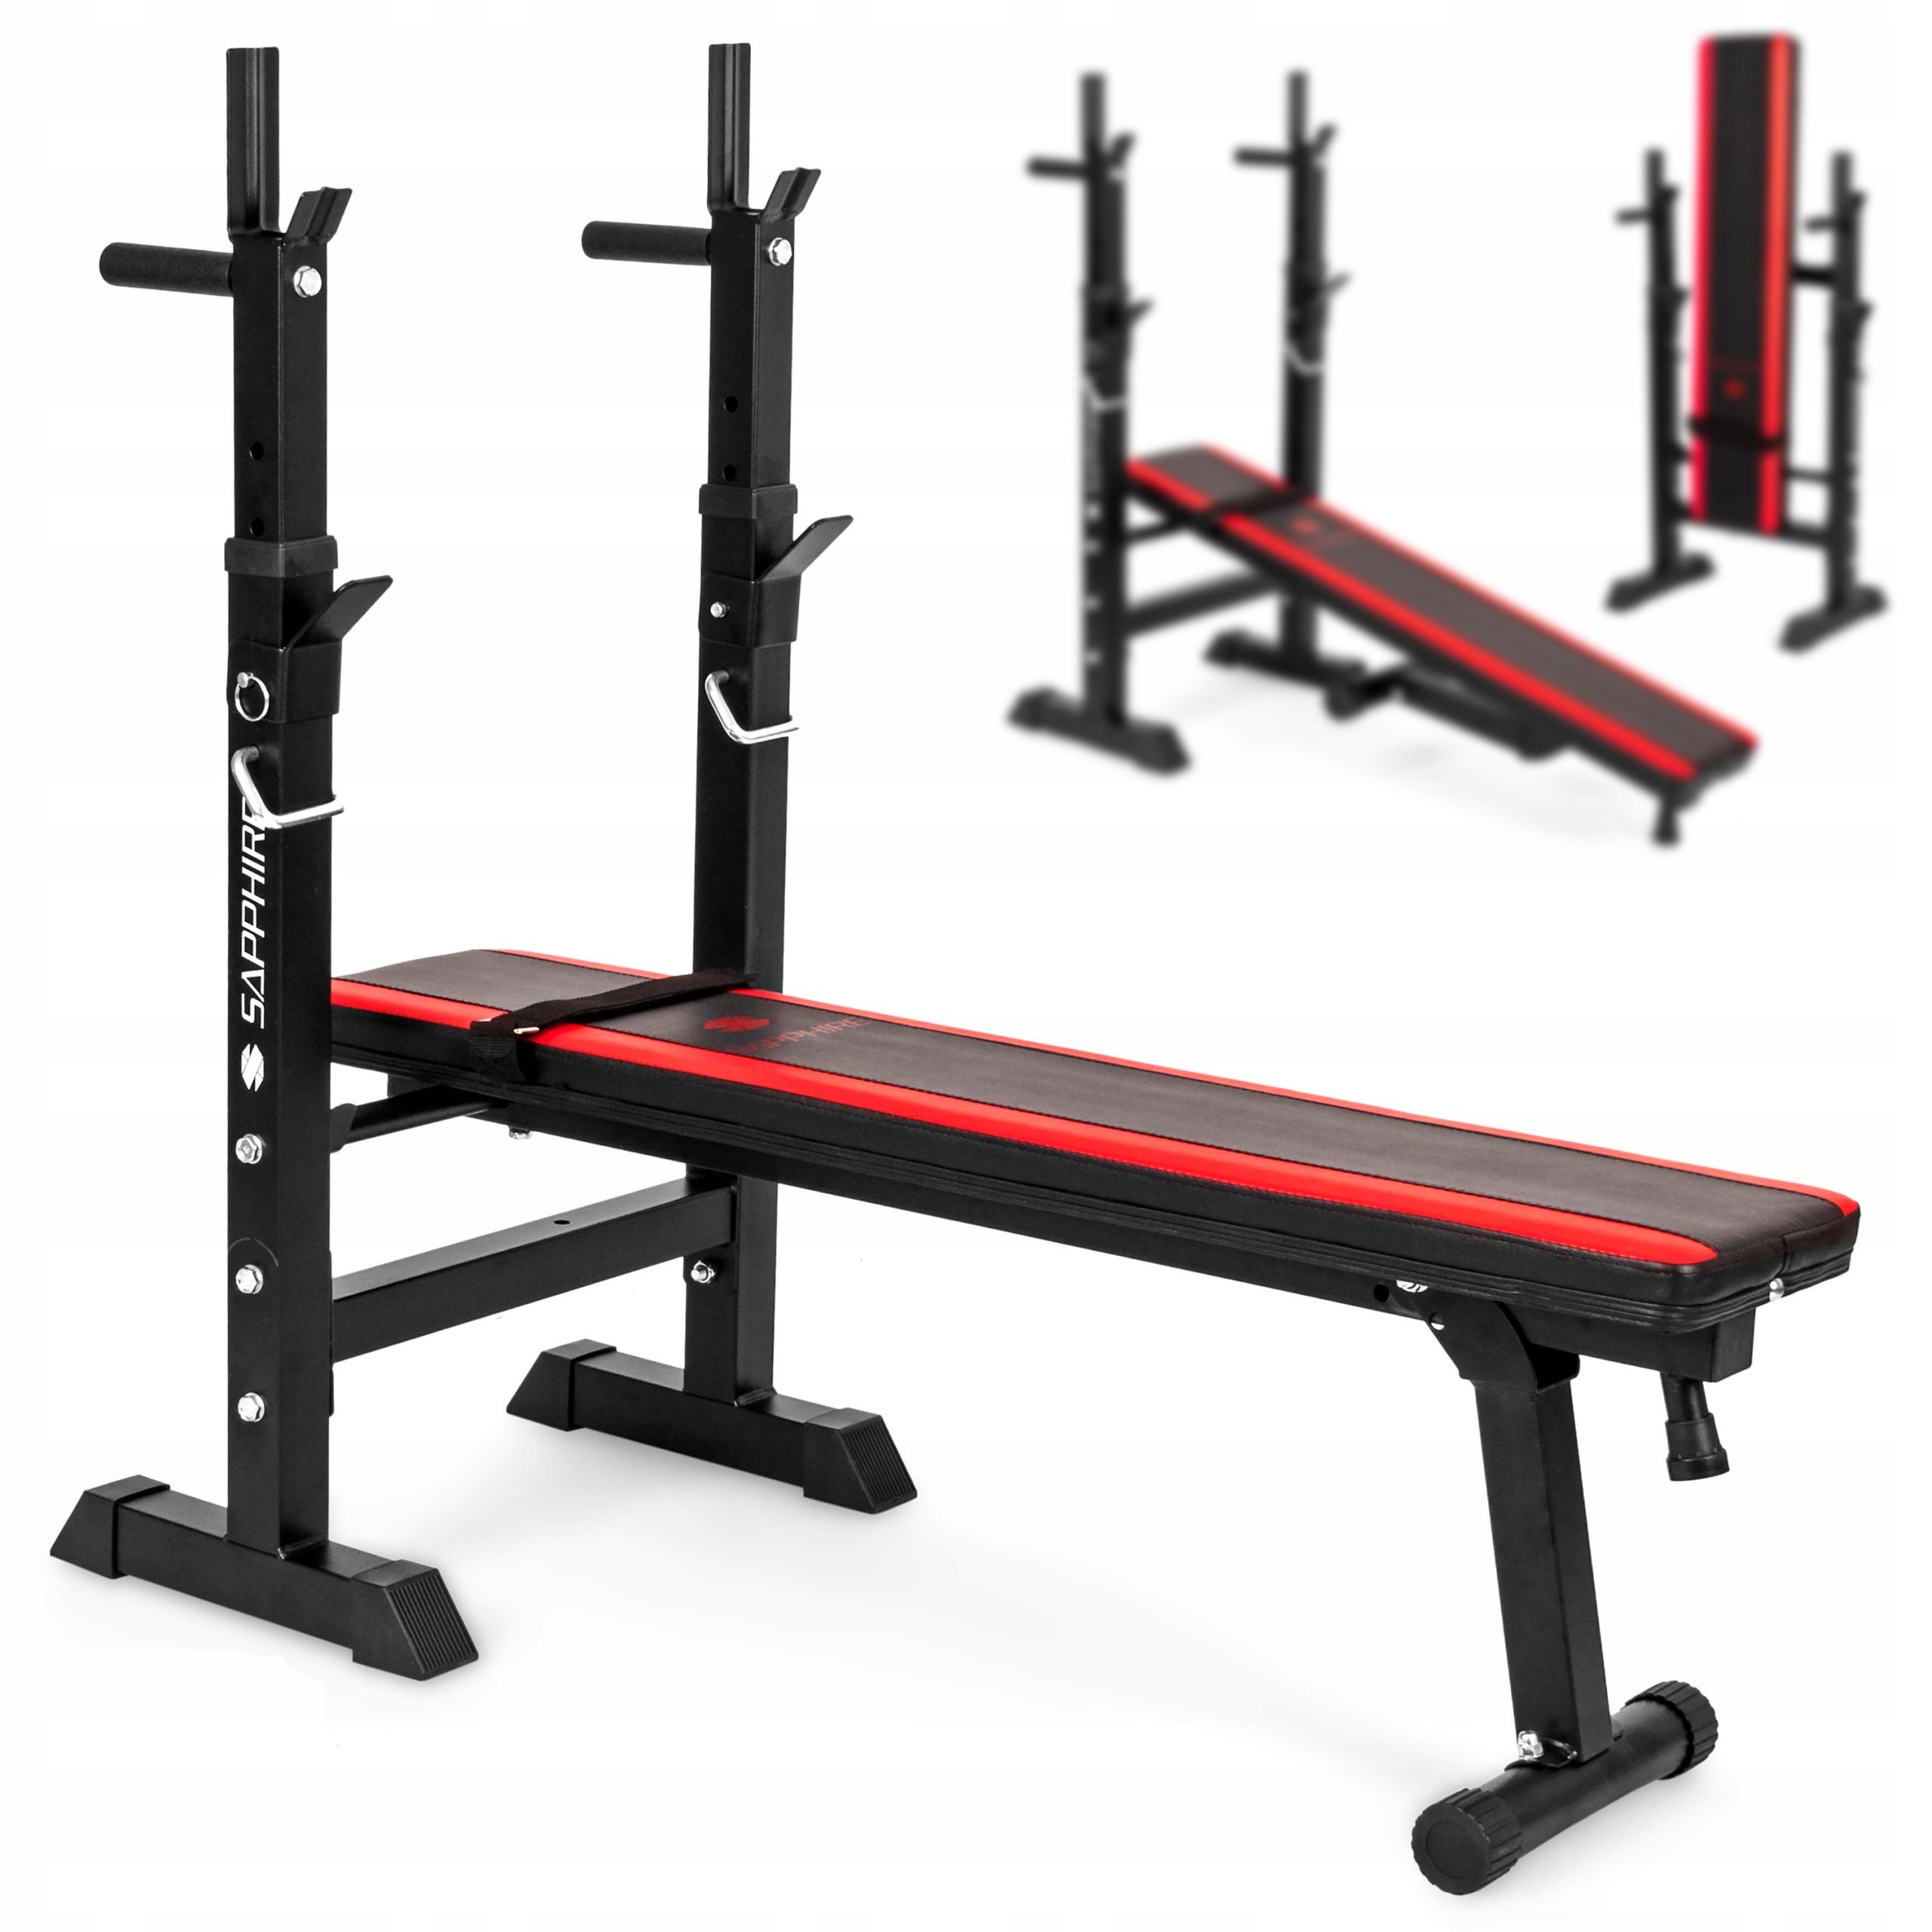 XYLO siłownia 82 kg zestaw ŁAWKA+GRYFY+OBCIĄŻENIA Kod producenta 82_xg25